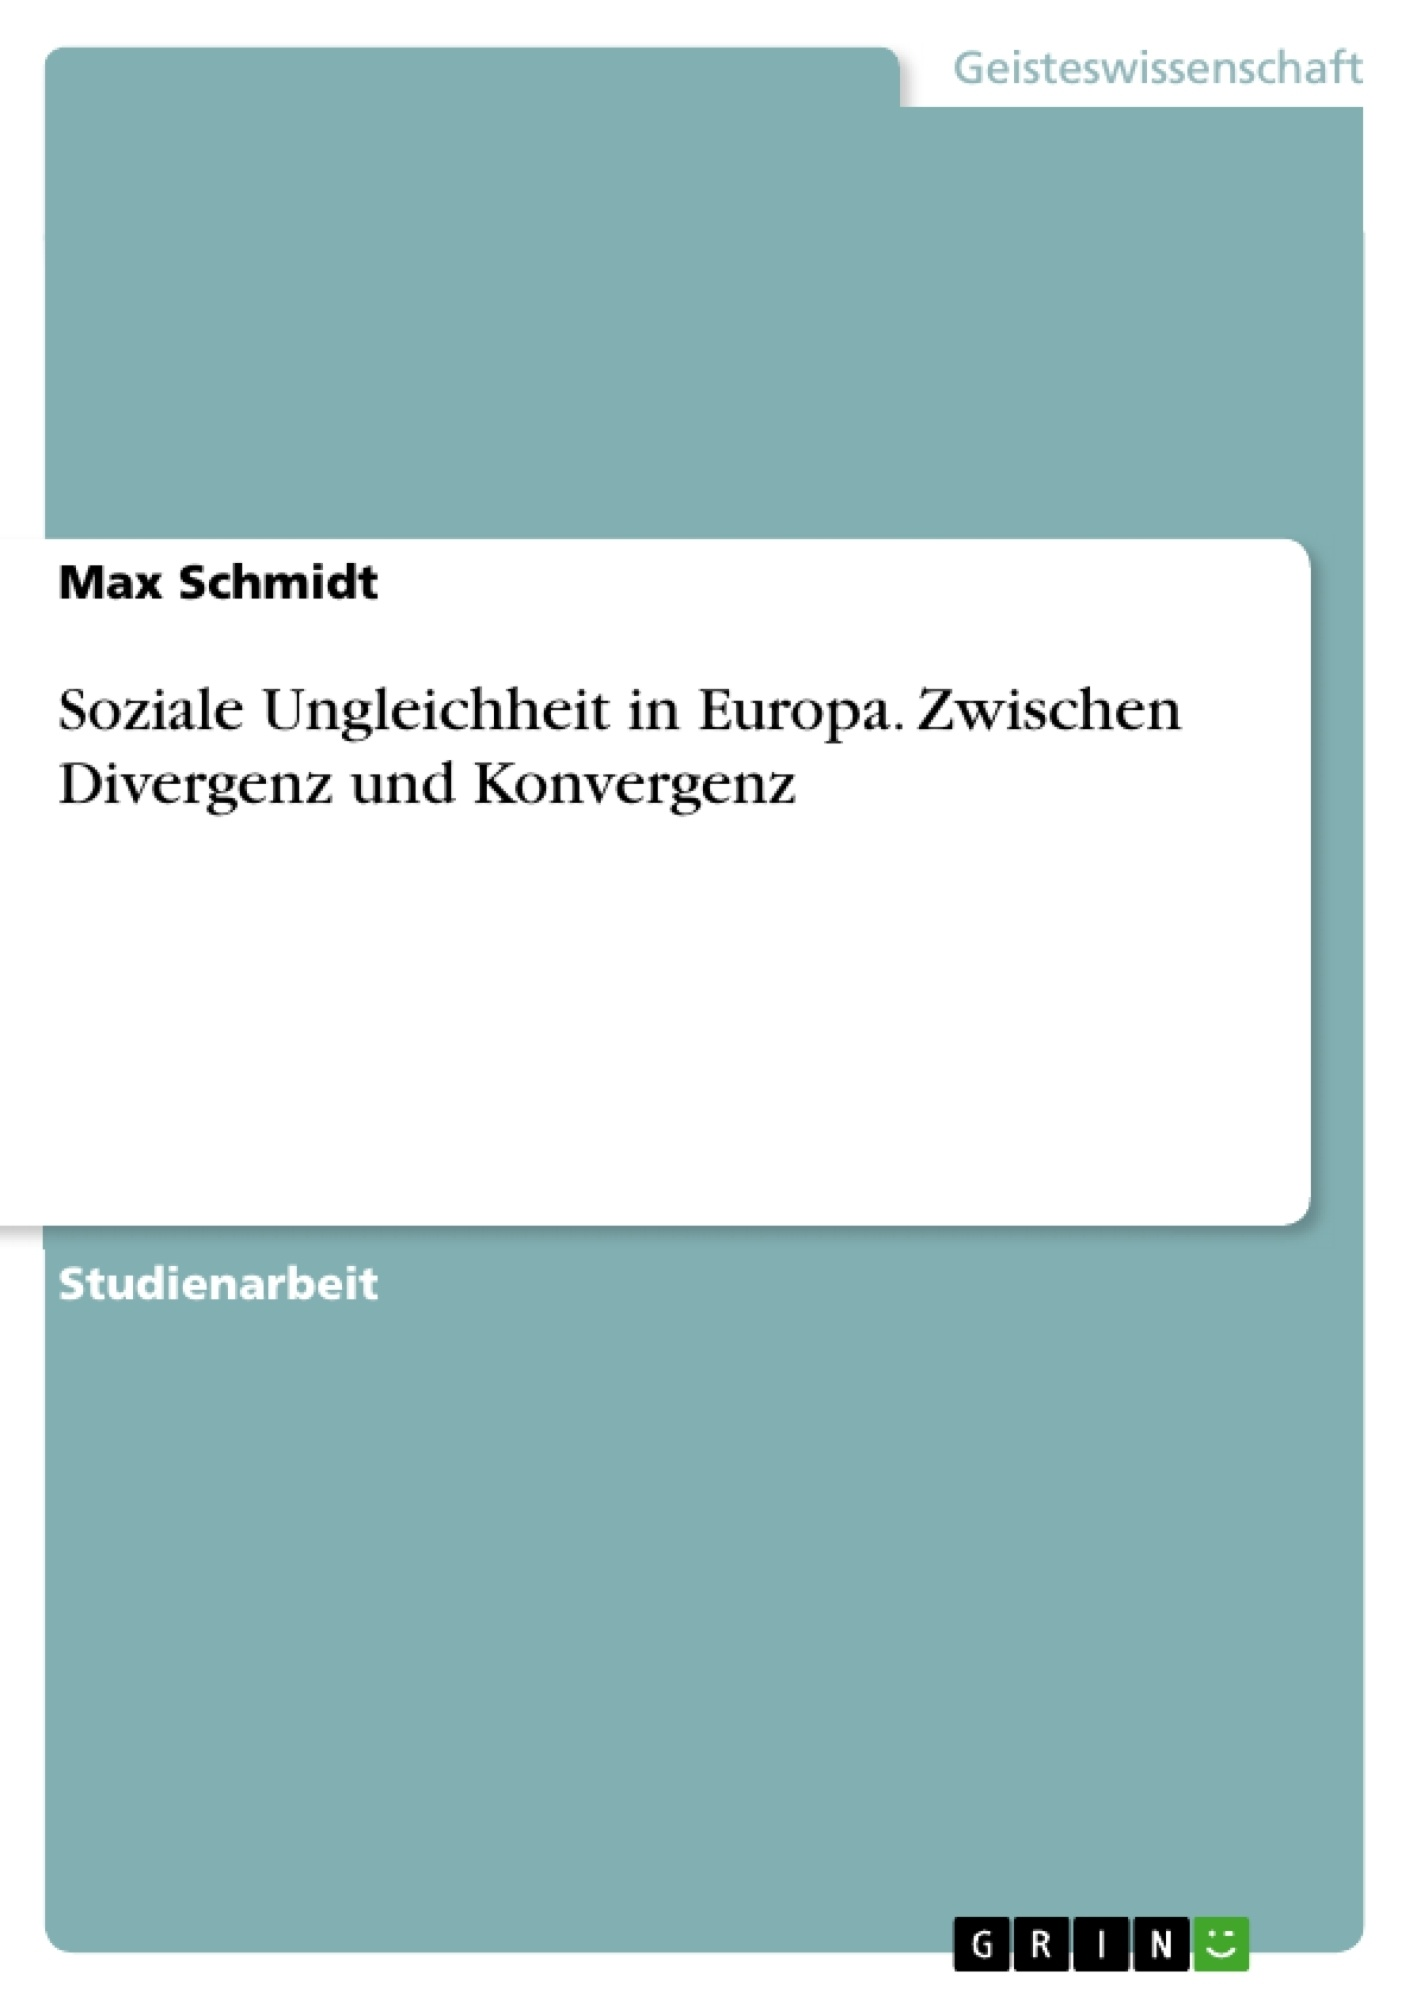 Titel: Soziale Ungleichheit in Europa. Zwischen Divergenz und Konvergenz